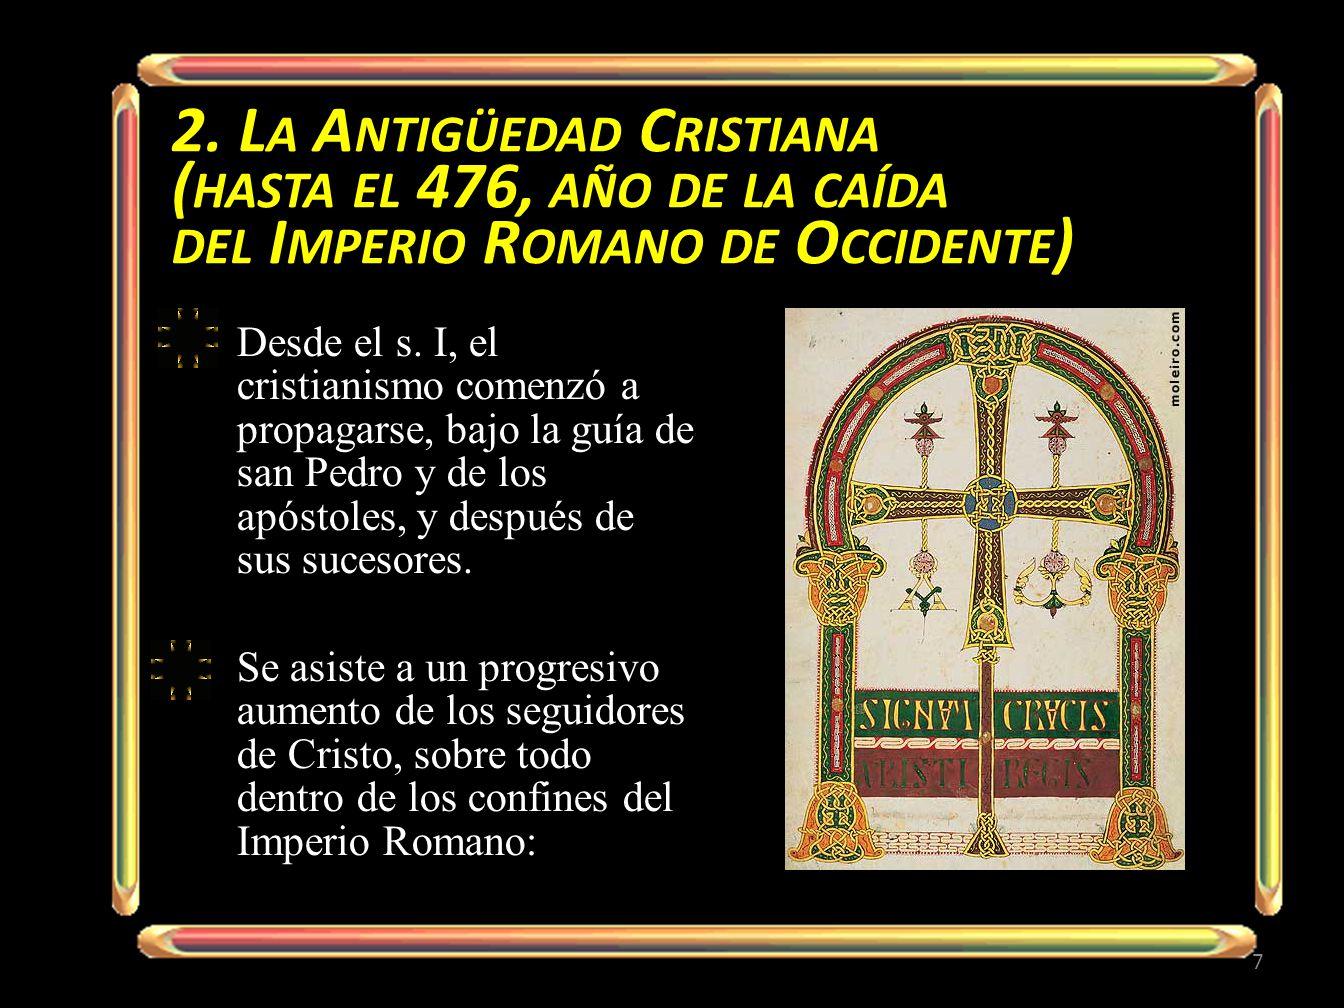 2. La Antigüedad Cristiana (hasta el 476, año de la caída del Imperio Romano de Occidente)